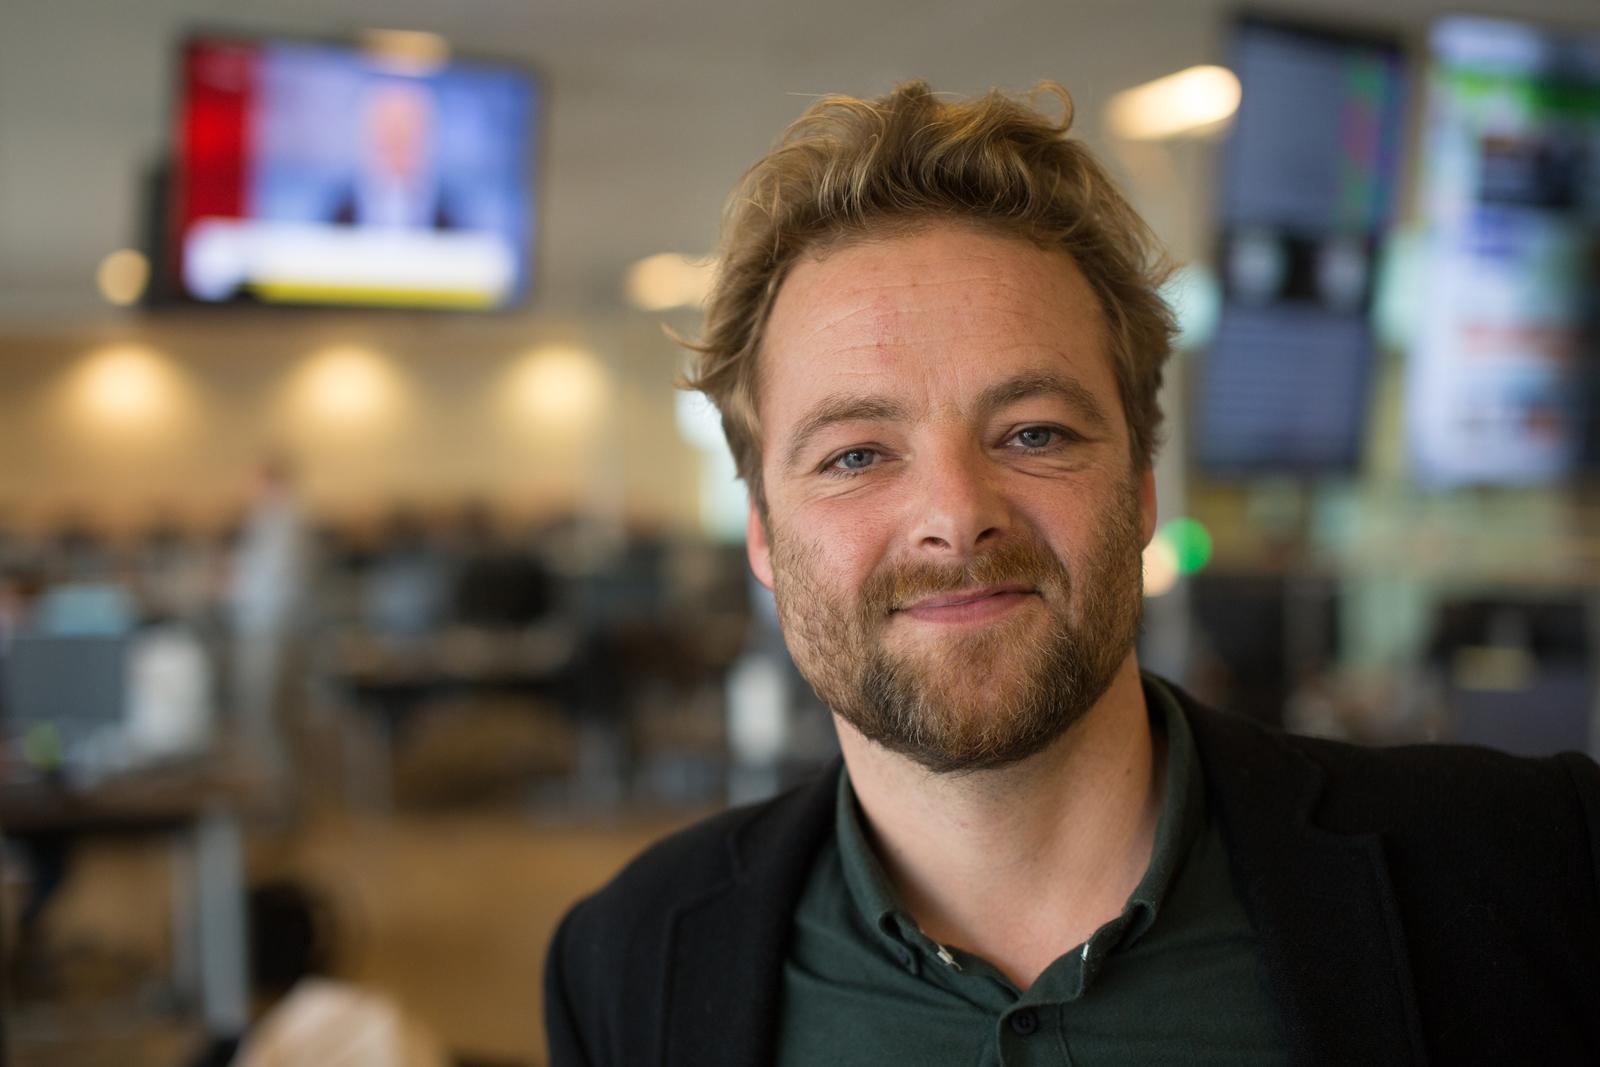 Medieforskningen har undersøkt og påvist medienes sosiale betydning løpende siden 1945, men mediehusene har vendt ryggen til denne kunnskapen, sier Søren Schultz Jørgensen. (foto:  Michael Yde Katballe, Syddansk Universitet).